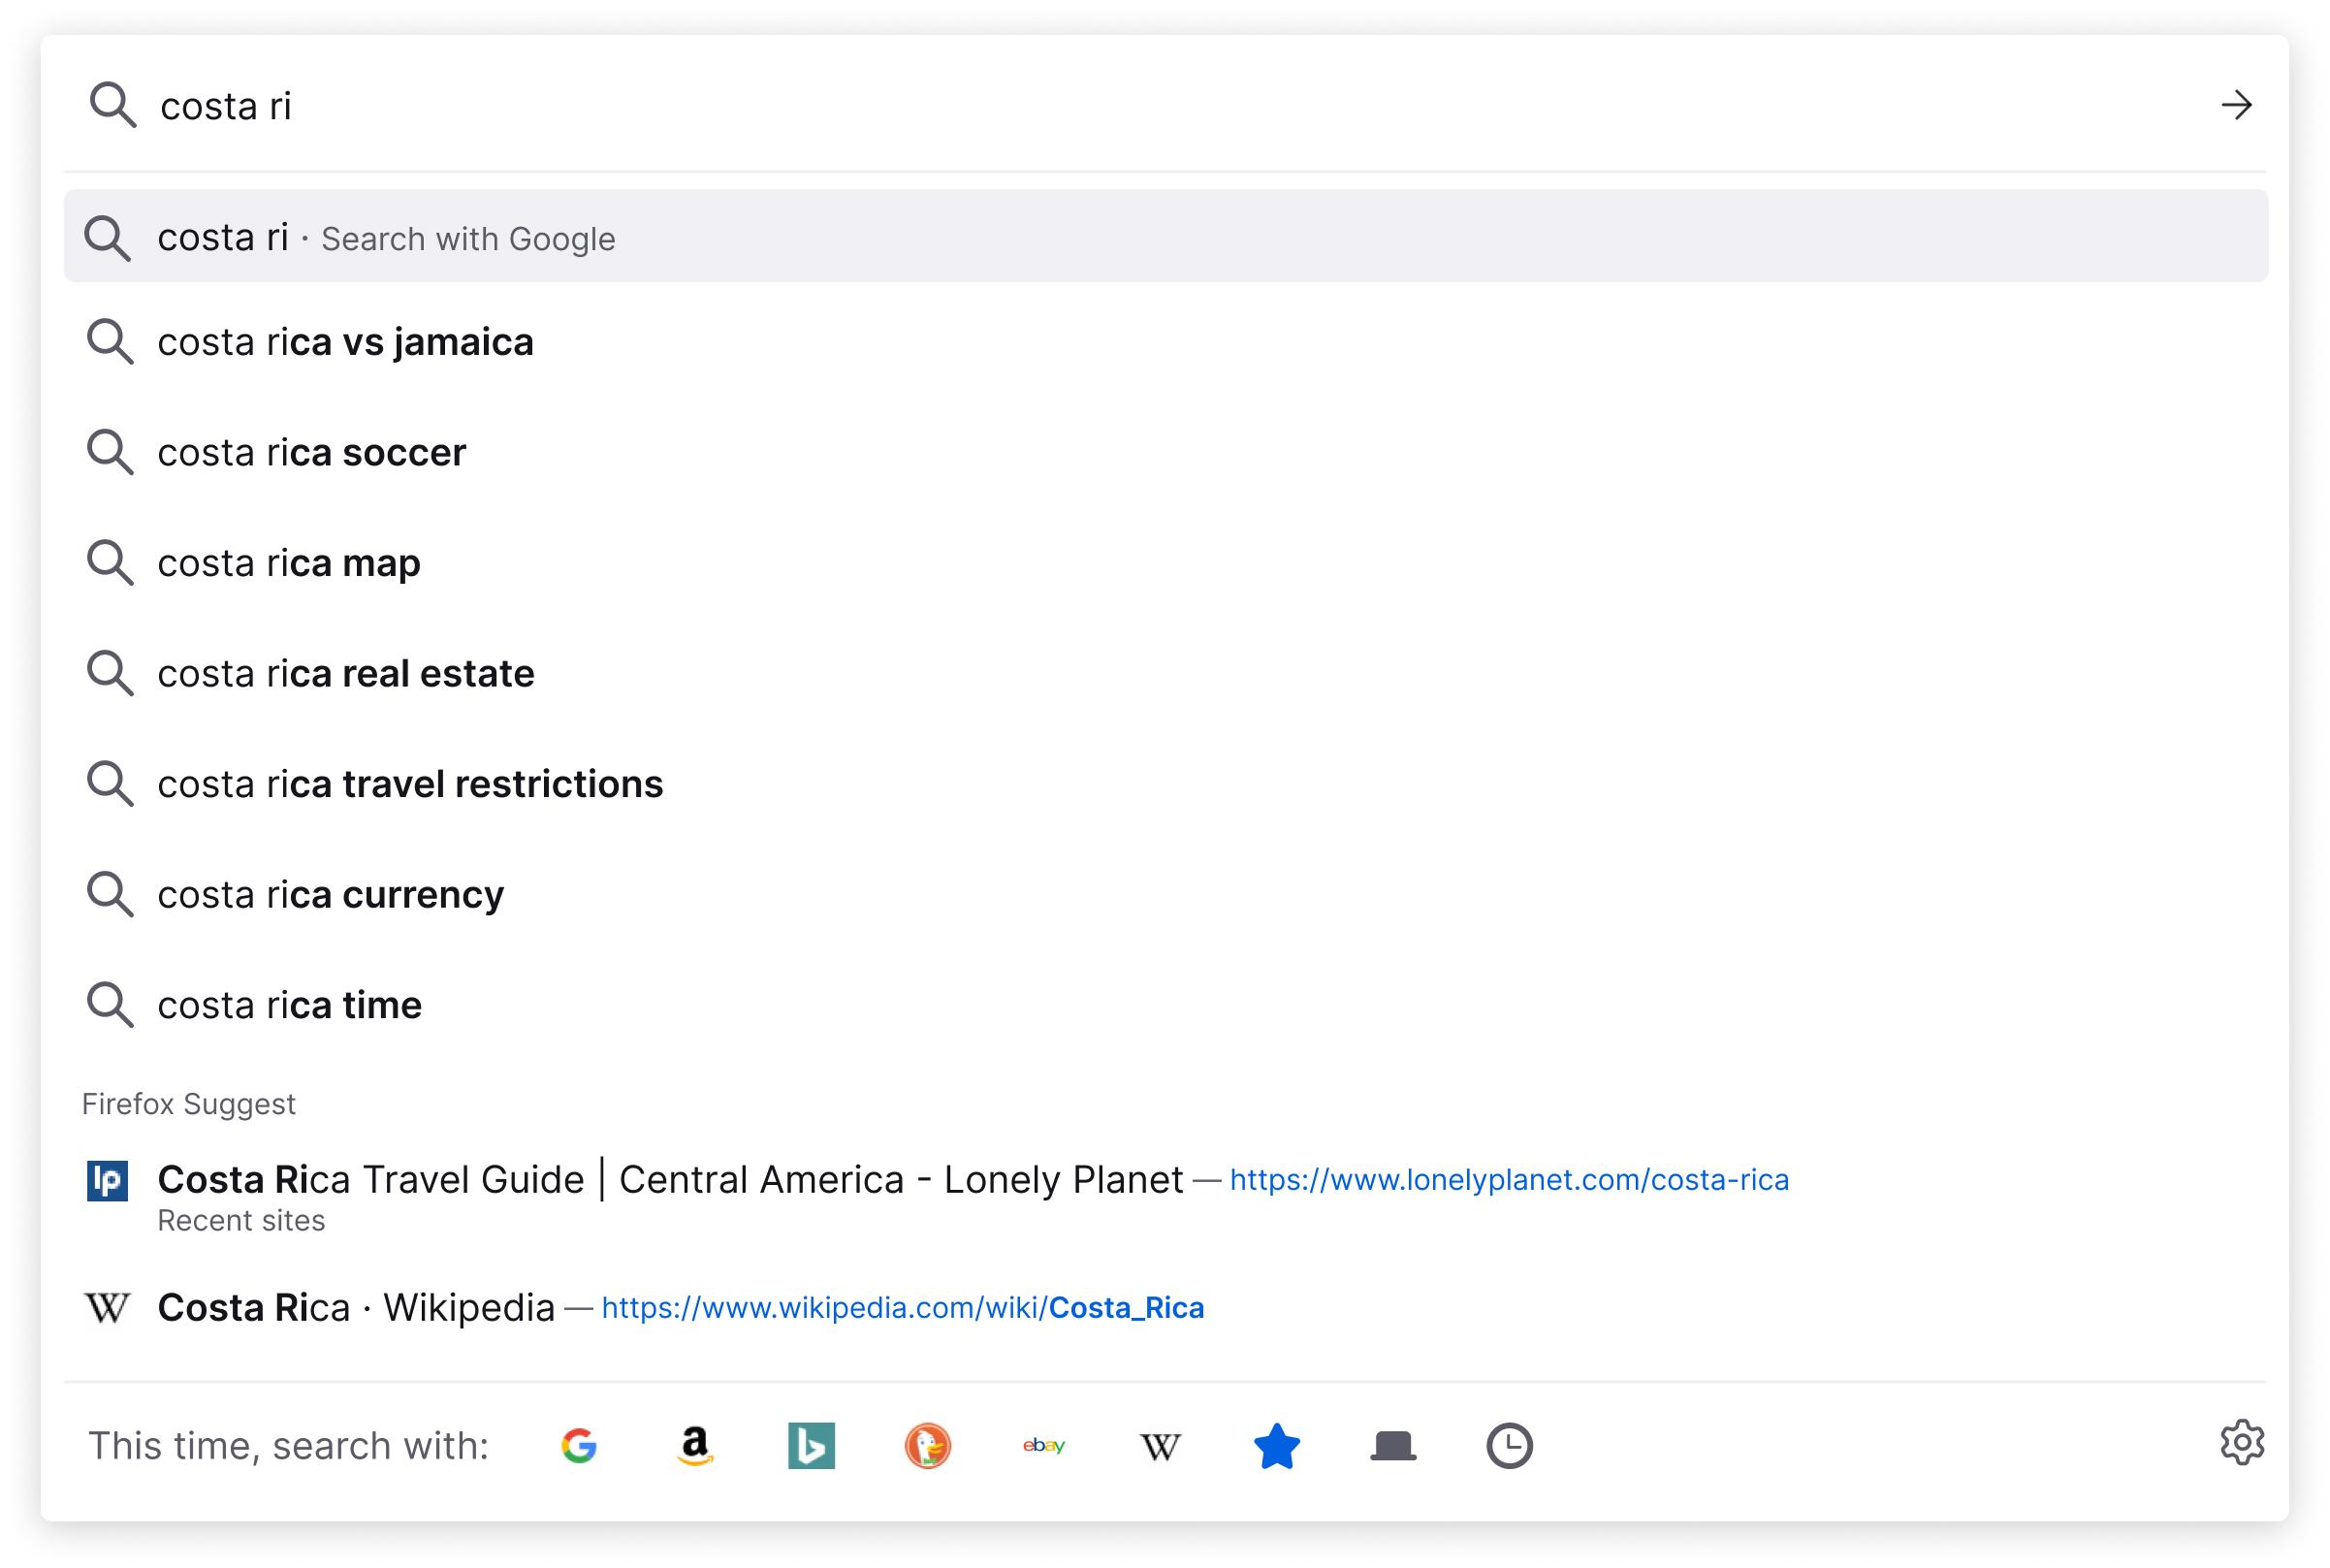 Barra de navegação do Firefox Suggest